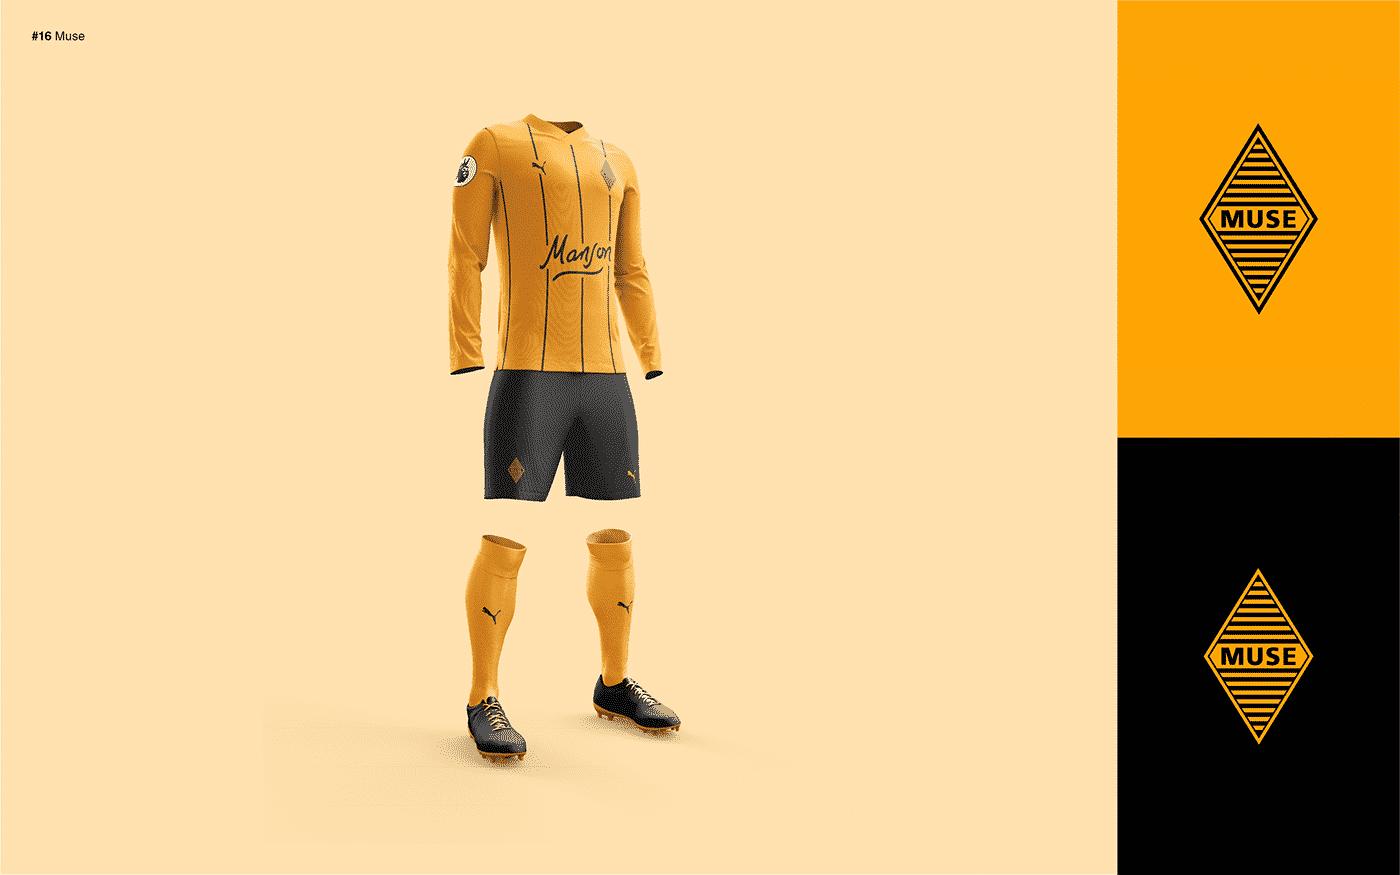 Premier-League-2018-Rock-Edition-Matheus-de-Souza-Viana-Muse-img1